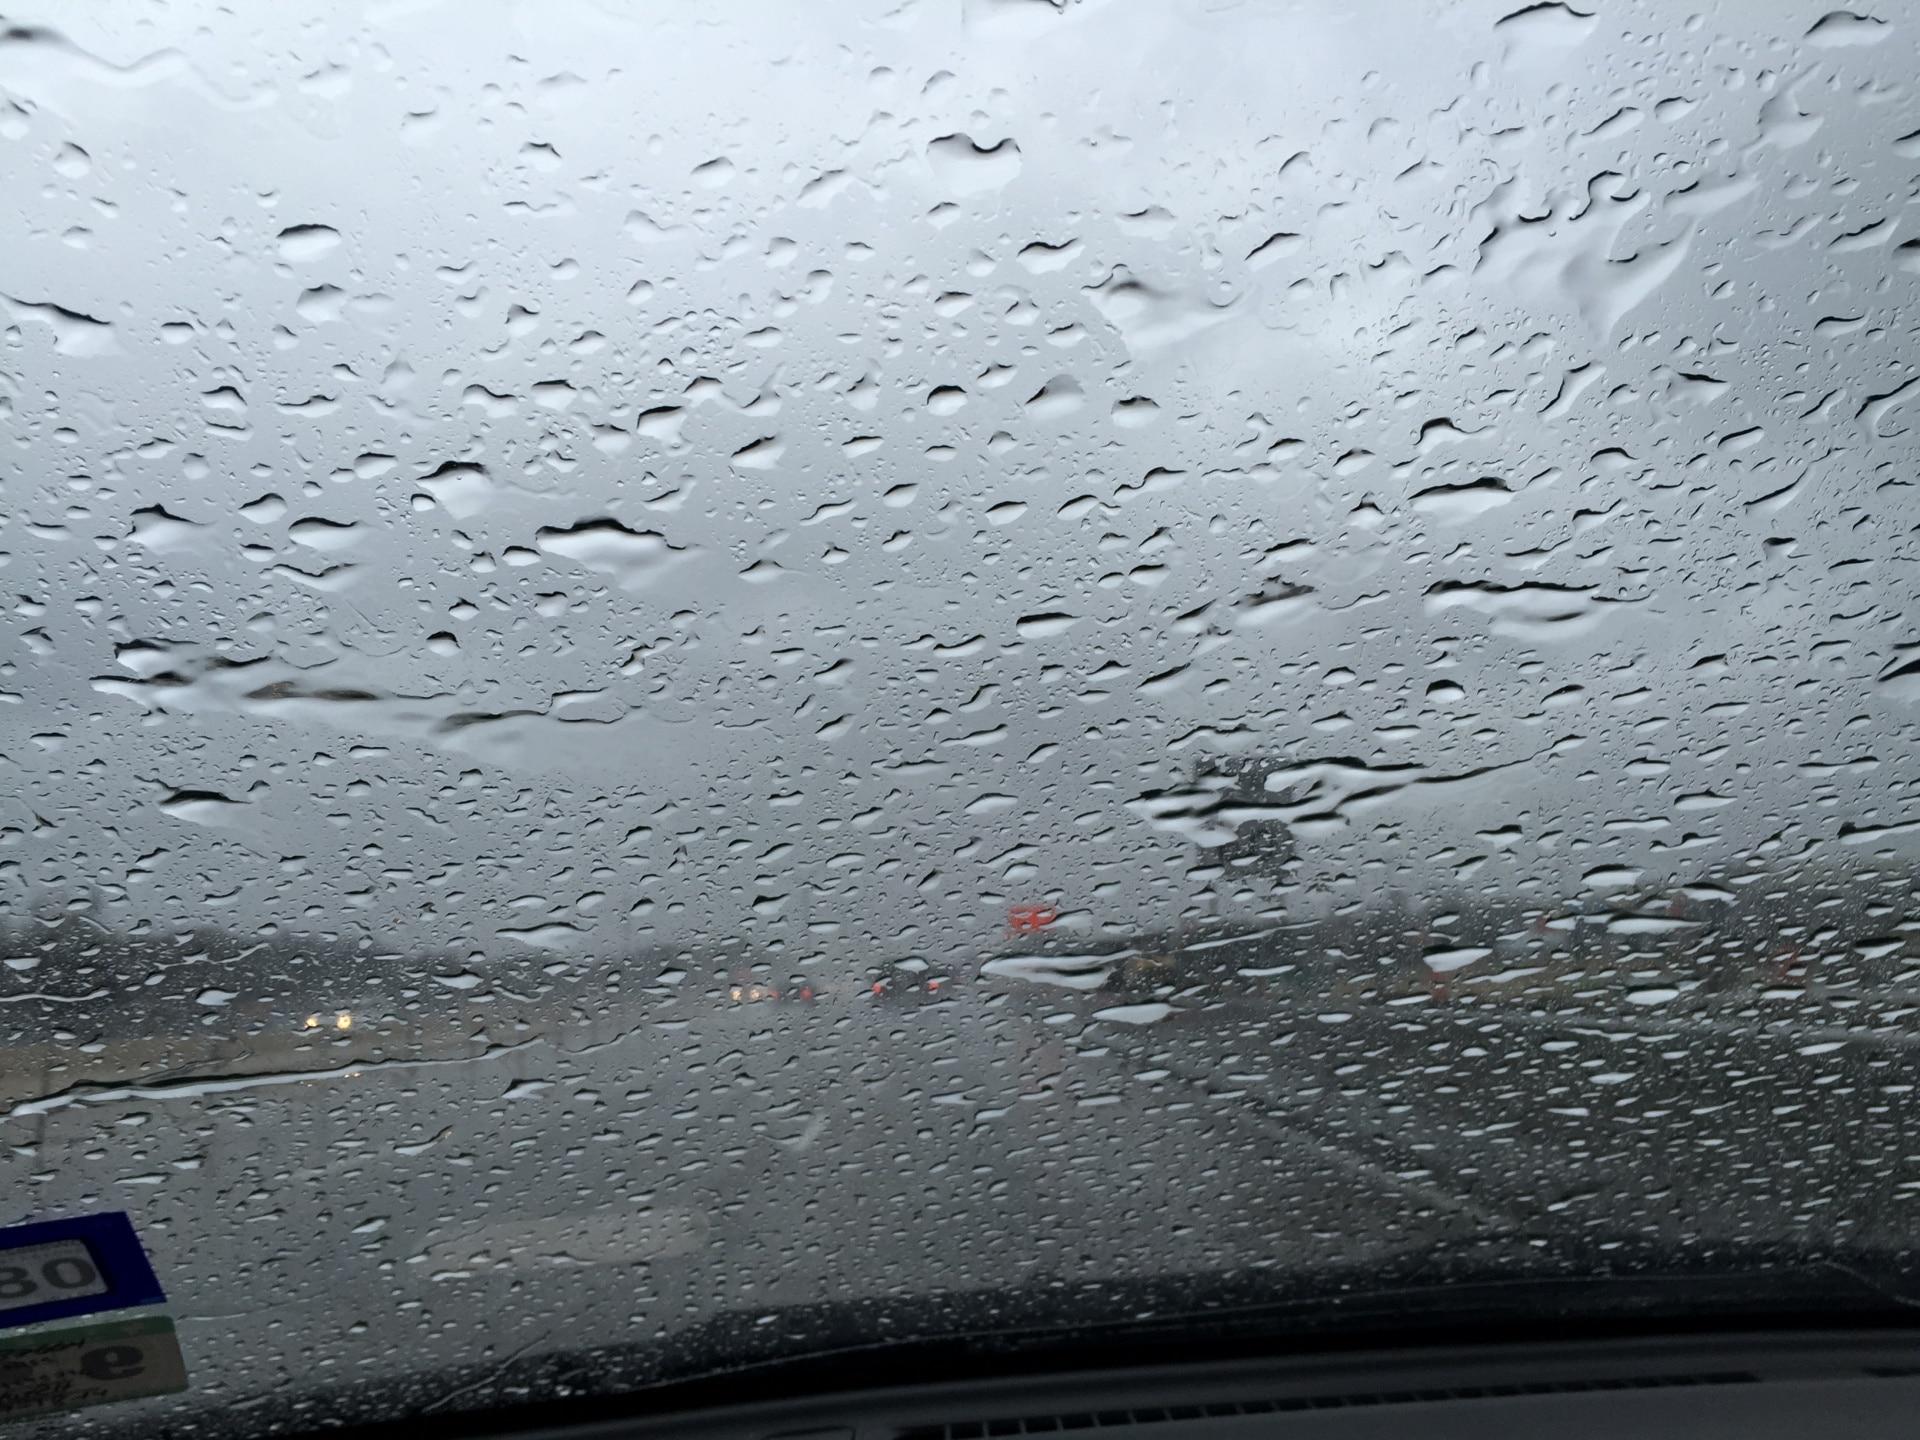 vidro da frente de um carro embaçado com gotas de chuva. Impermeabilização de vidros.